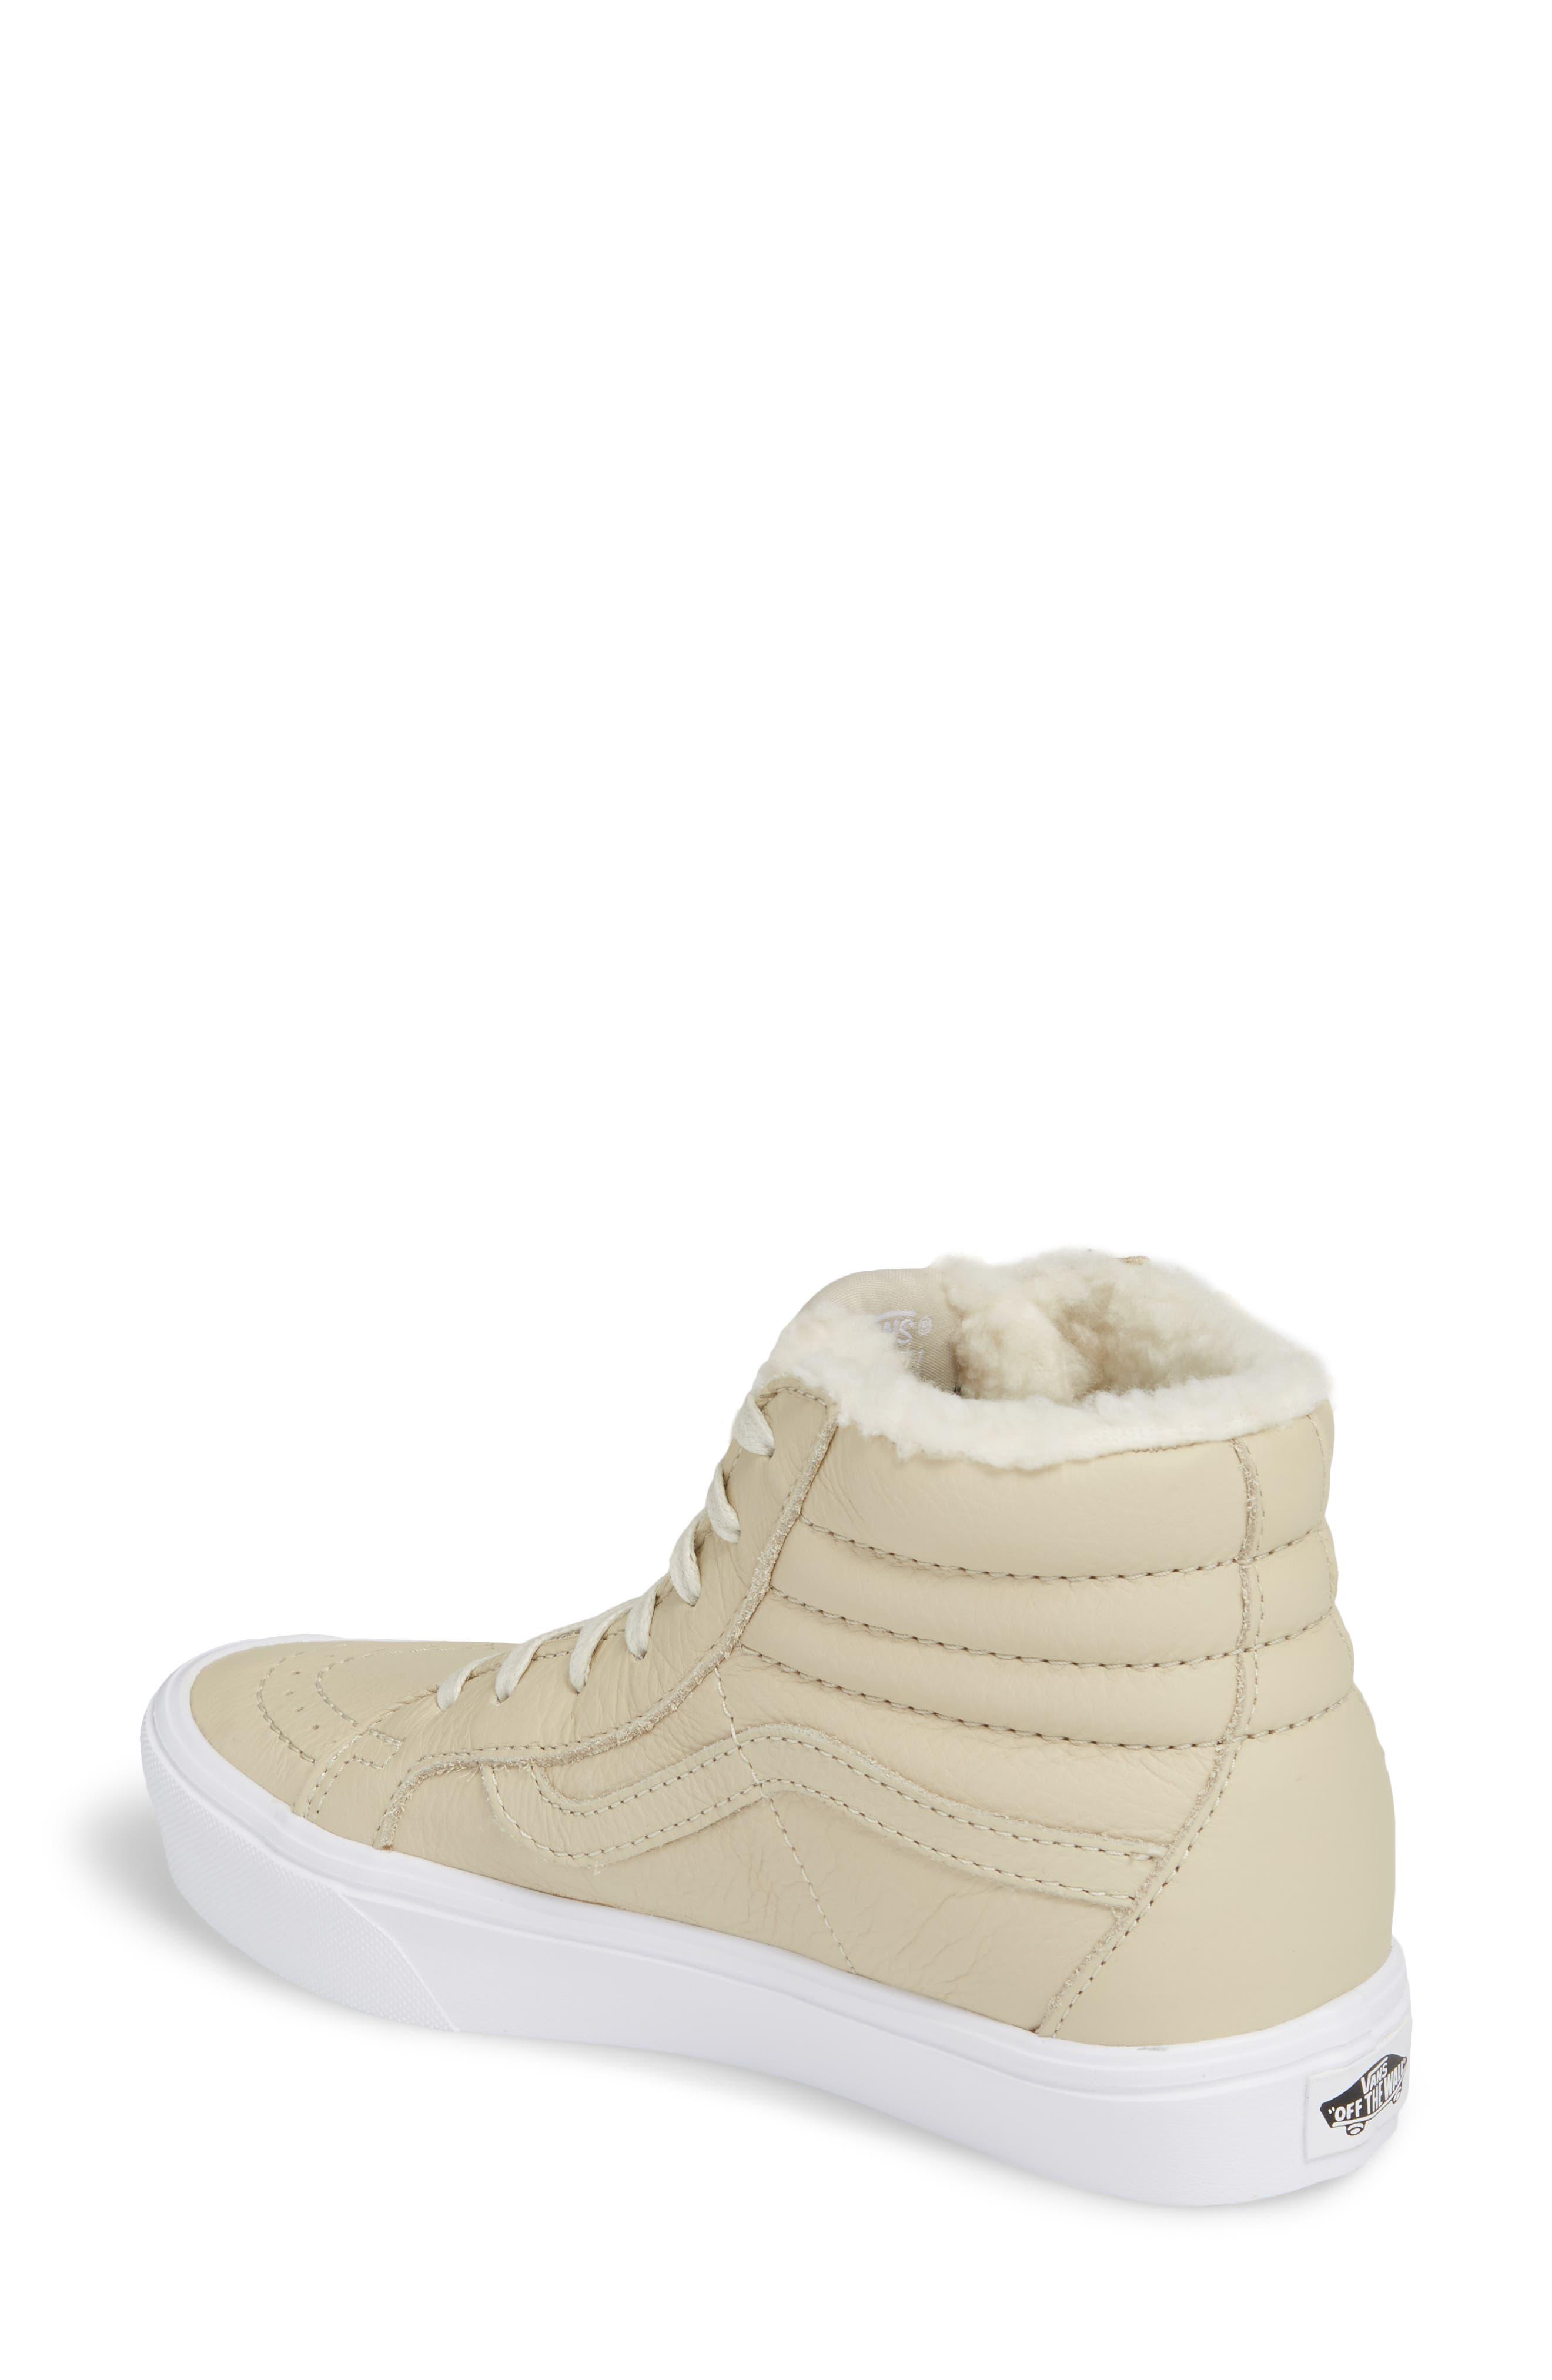 Sk8-Hi Reissue Lite High Top Sneaker,                             Alternate thumbnail 4, color,